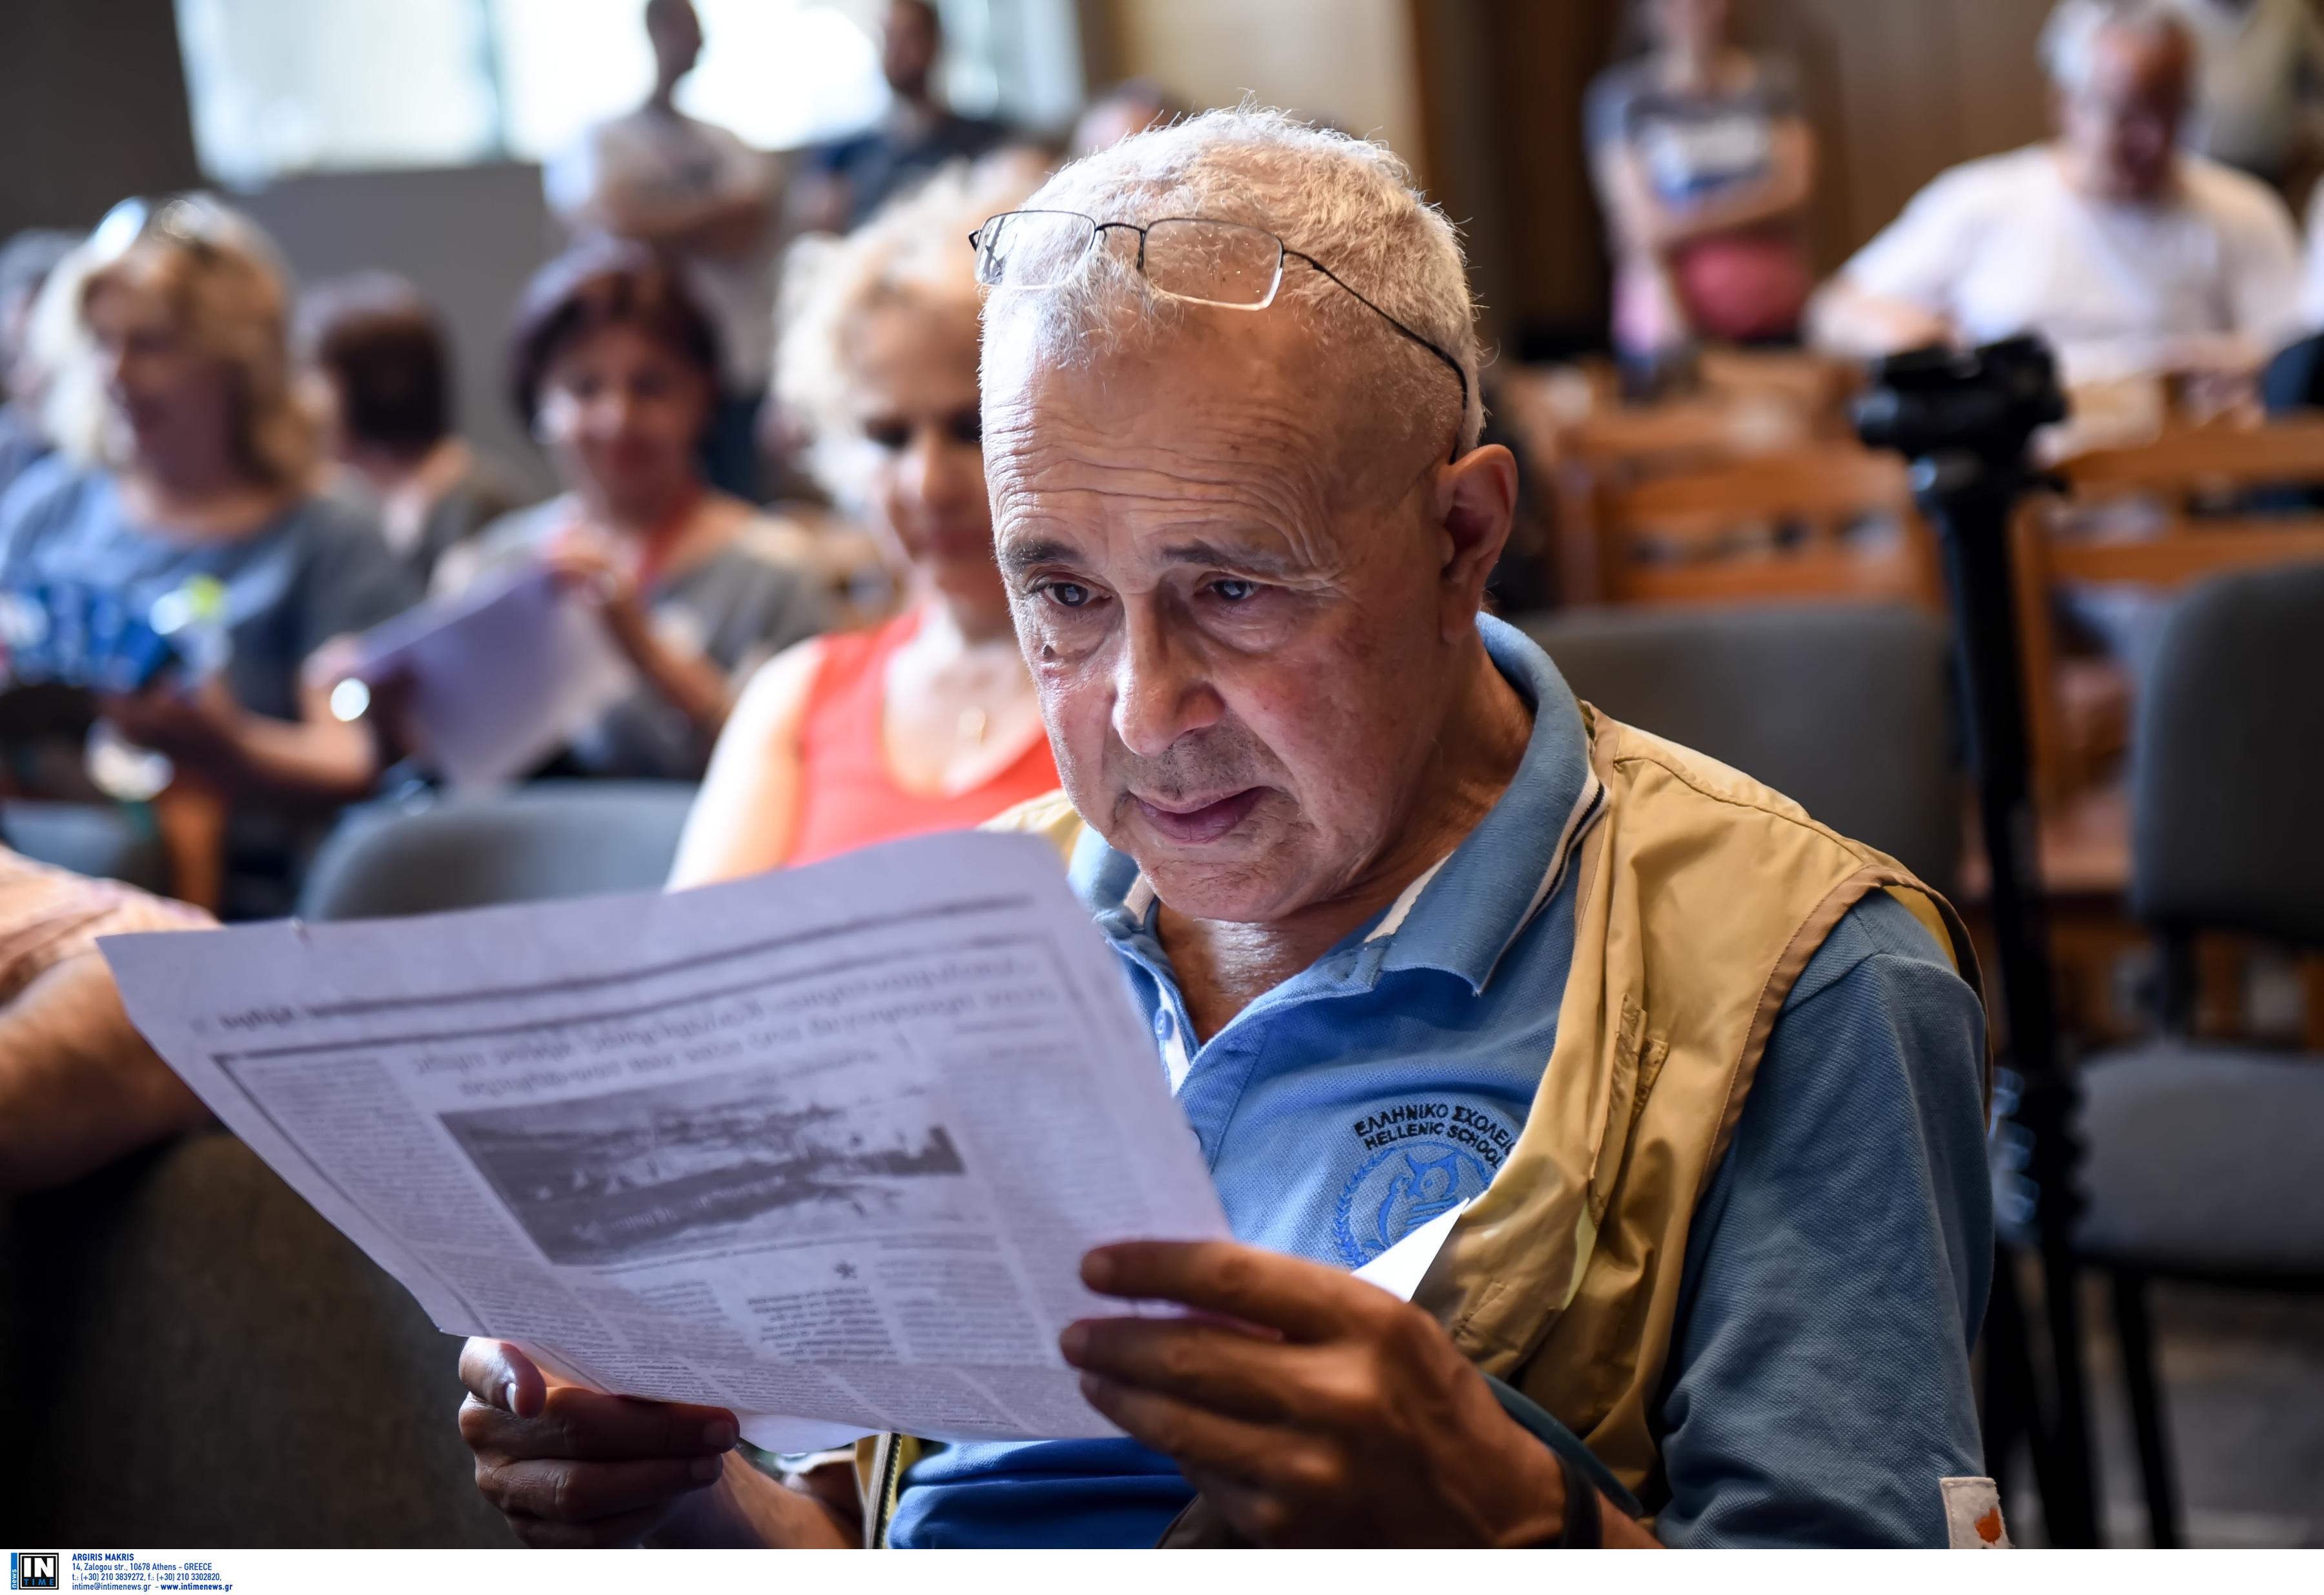 Θεσσαλονίκη: Επιμένει στην Πατουλίδου ο Κώστας Ζουράρις και εξηγεί γιατί δεν ψήφισε για Πρόεδρο της Δημοκρατίας!